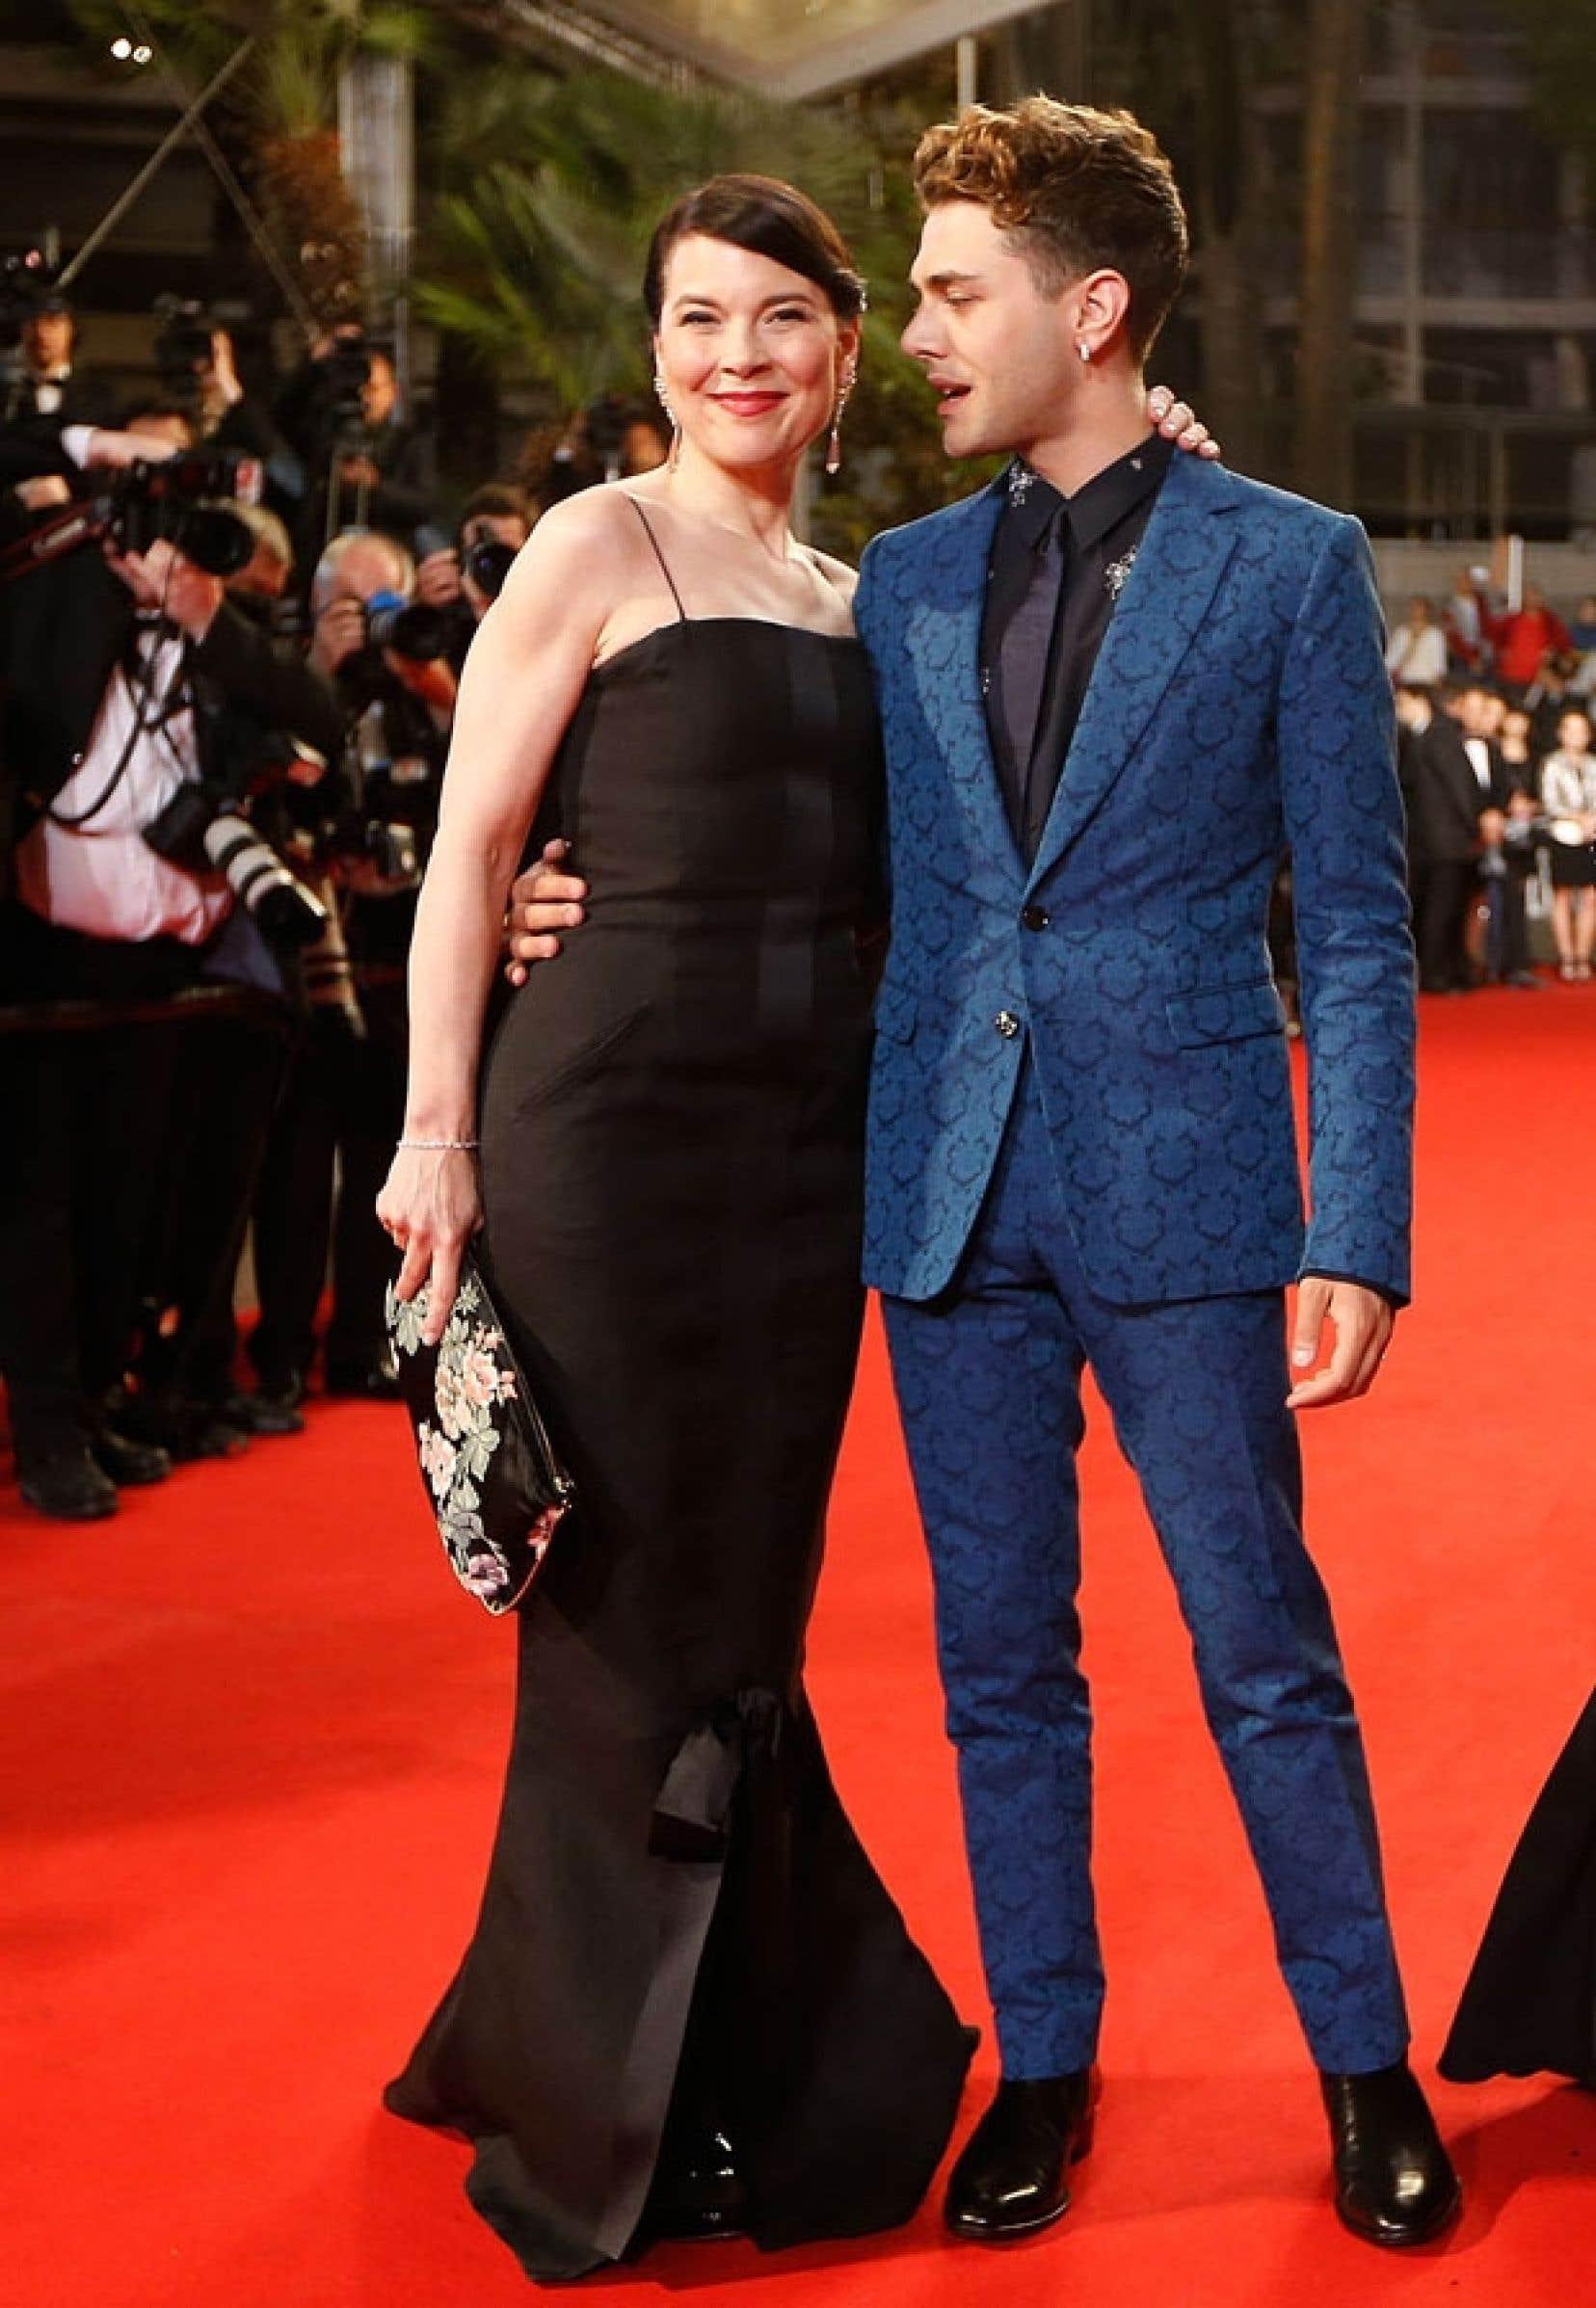 Anne Dorval et Xavier Dolan ont défilé sur le tapis rouge jeudi à l'occasion<br /> de la présentation officielle — et attendue — de Mommy.